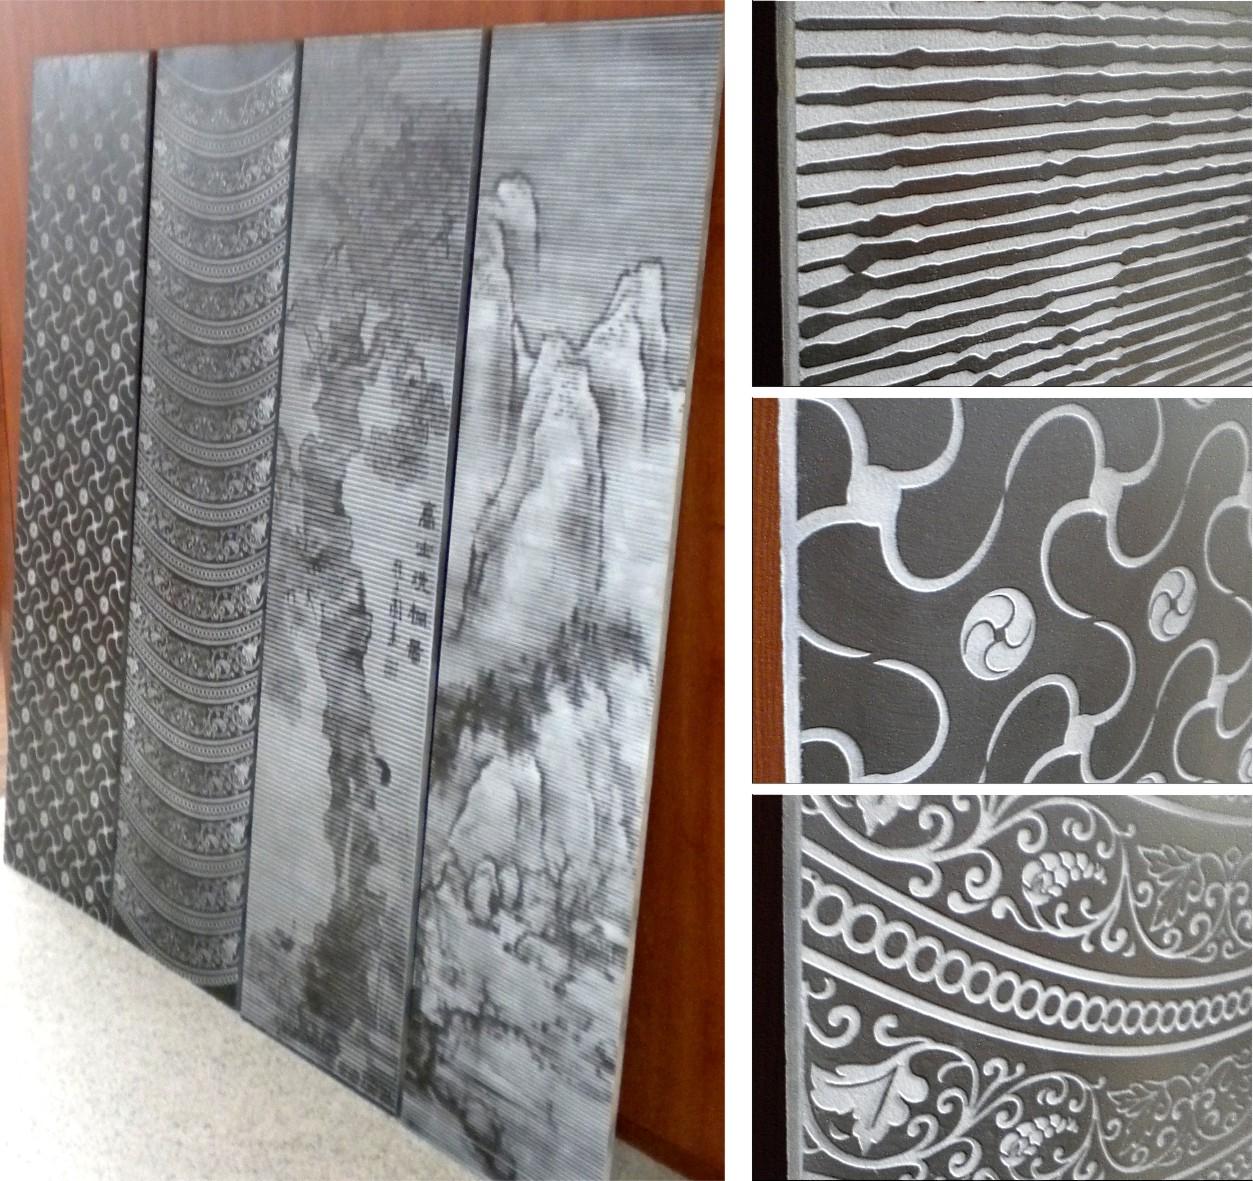 Stone panel-Patterns